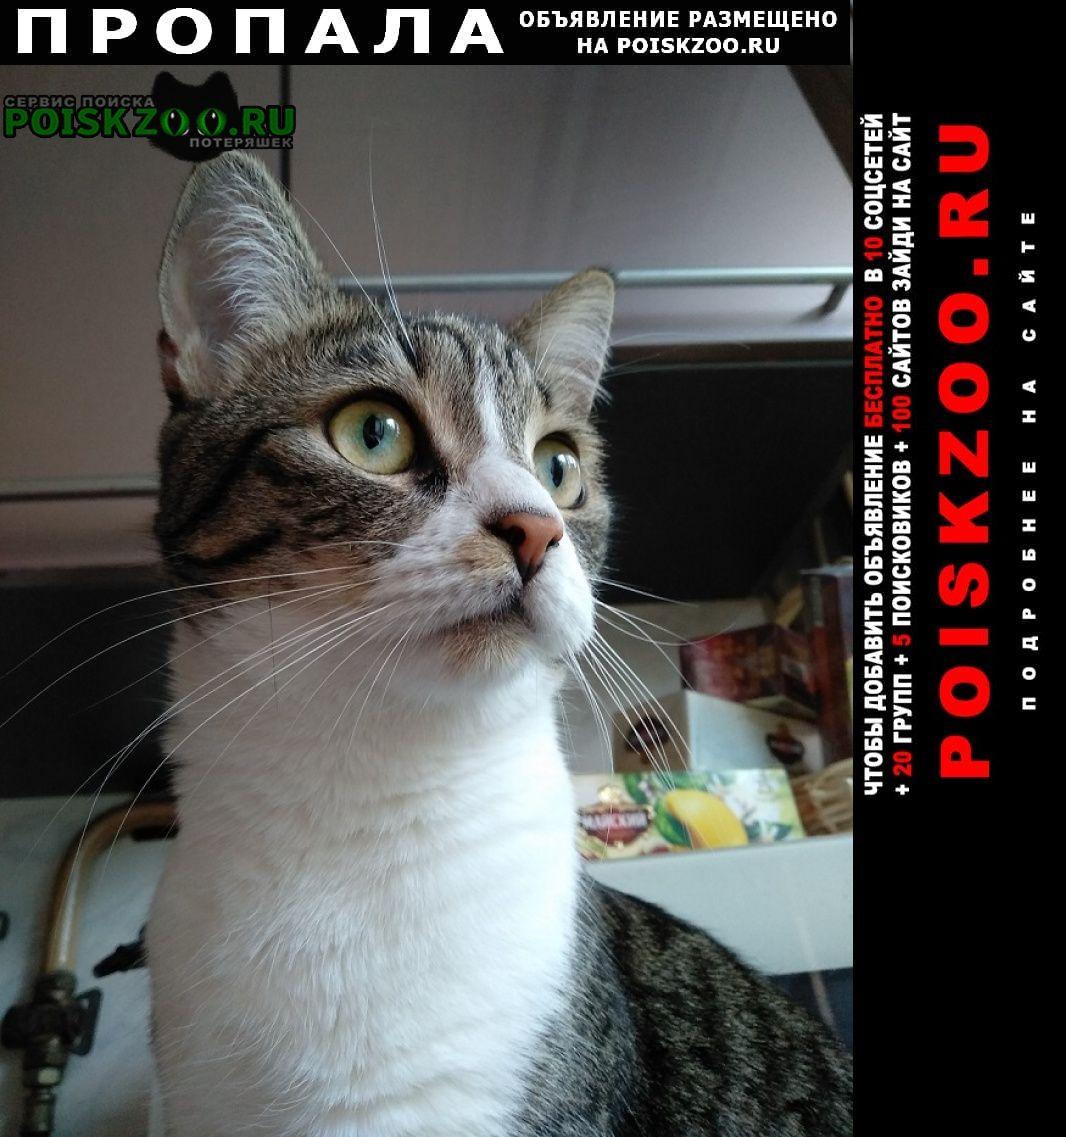 Пропала кошка потерялась. маршала блюхера 14 Санкт-Петербург